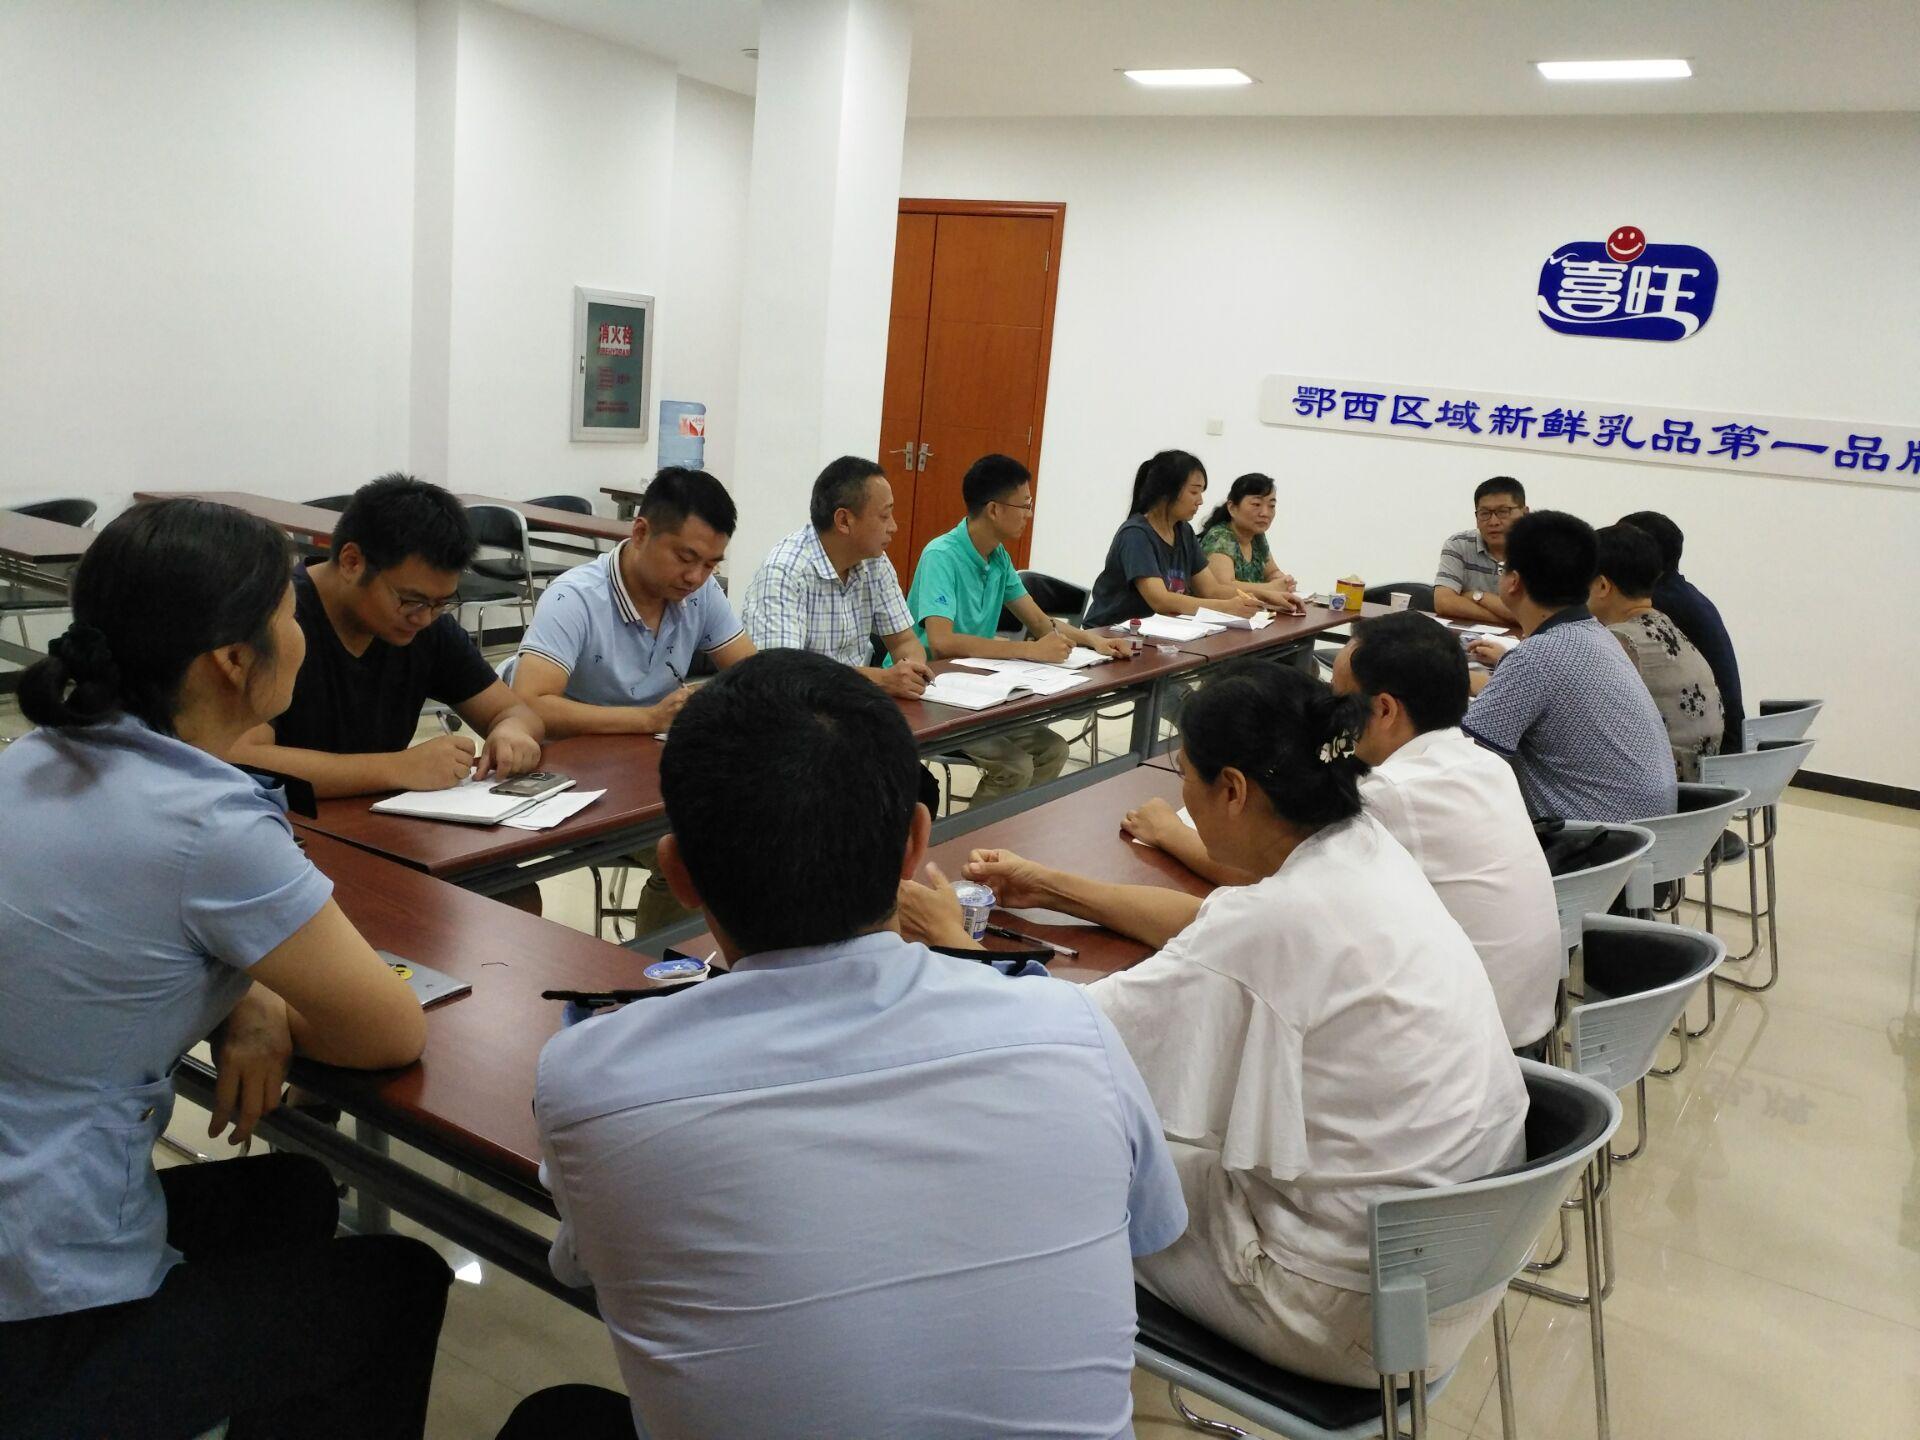 喜旺通过湖北省监管局飞行检查